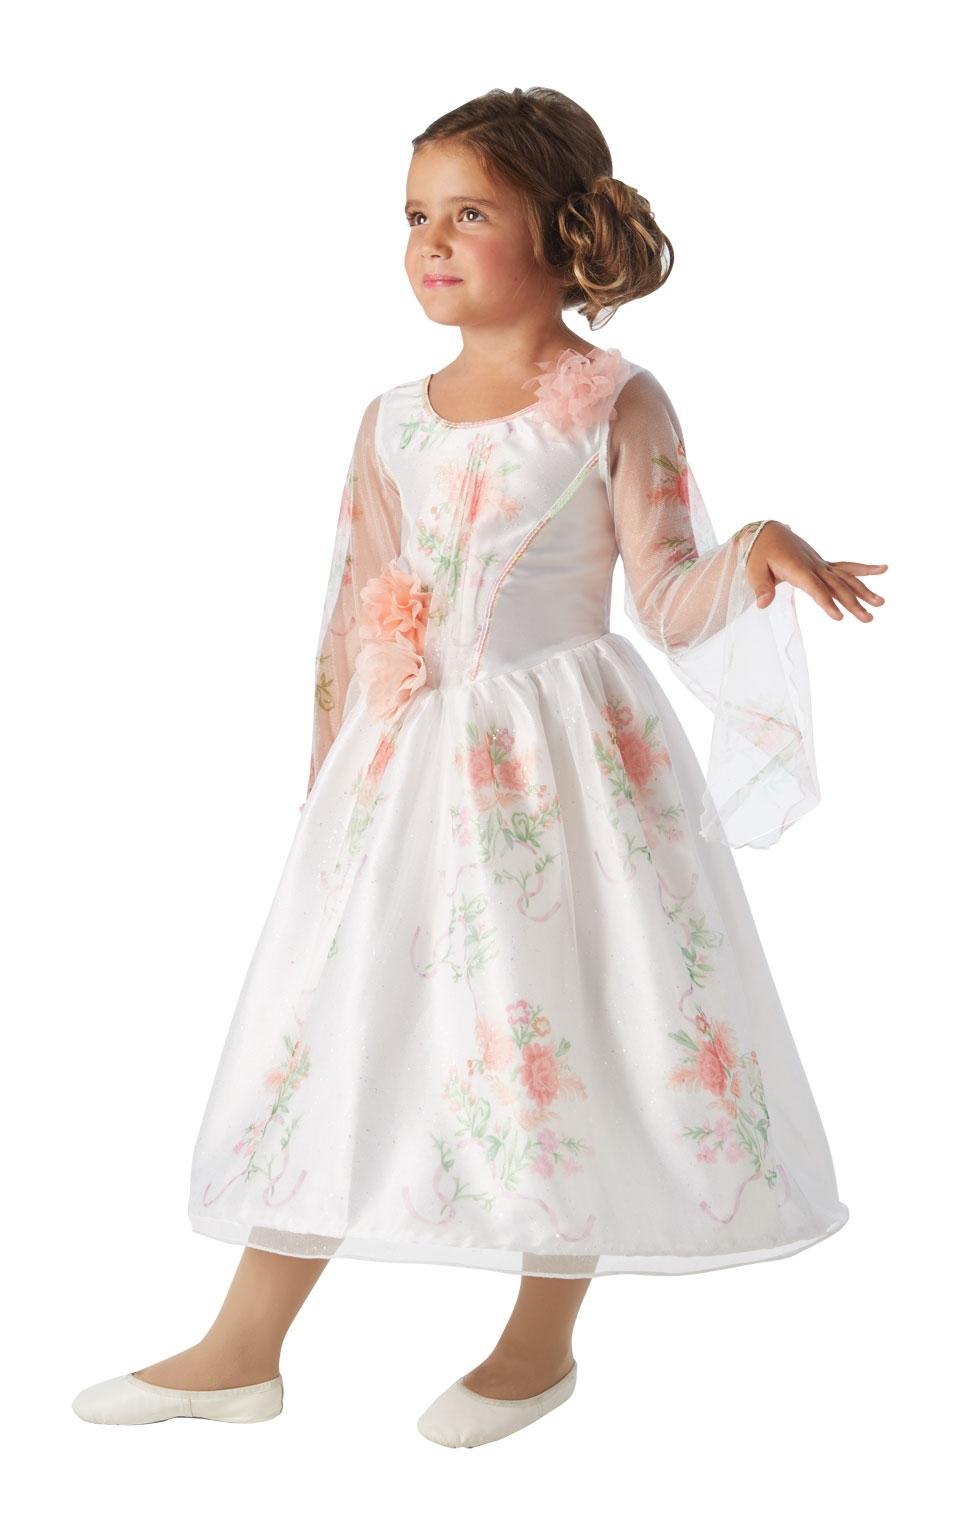 Бальное платье Белль Disney (S) савеловский торговый комплекс бальное платье детское